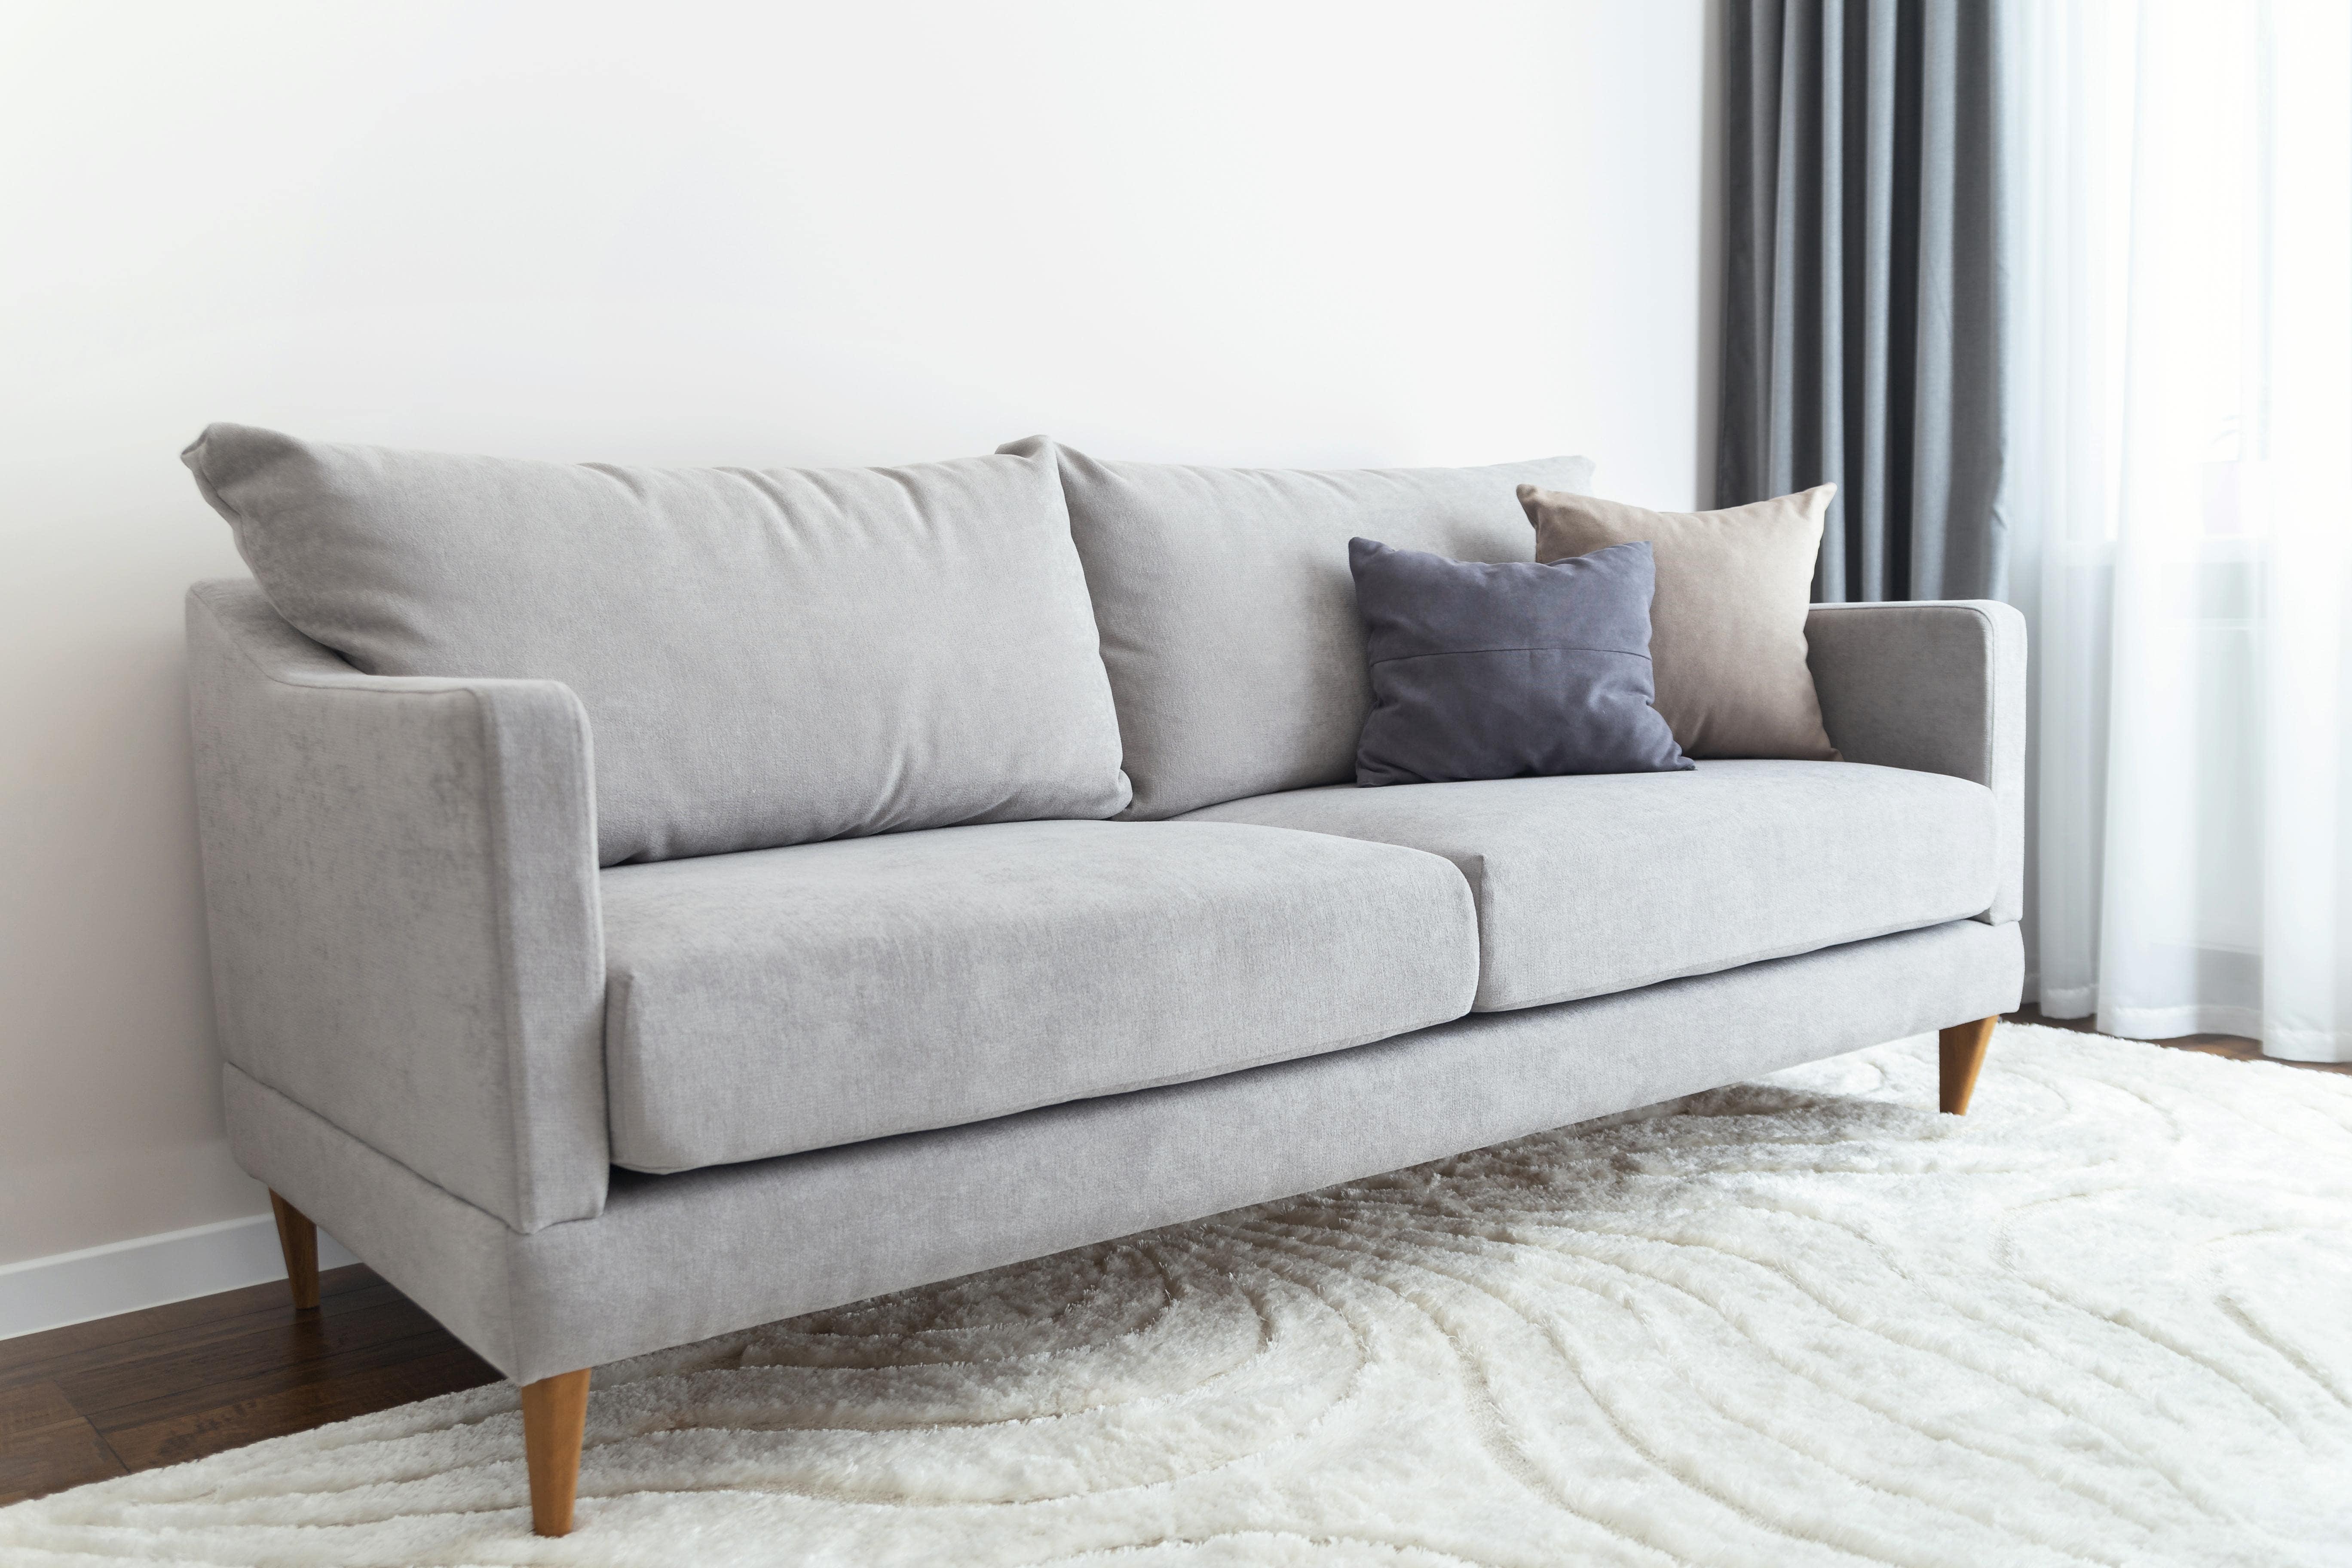 Canapea extensibilă